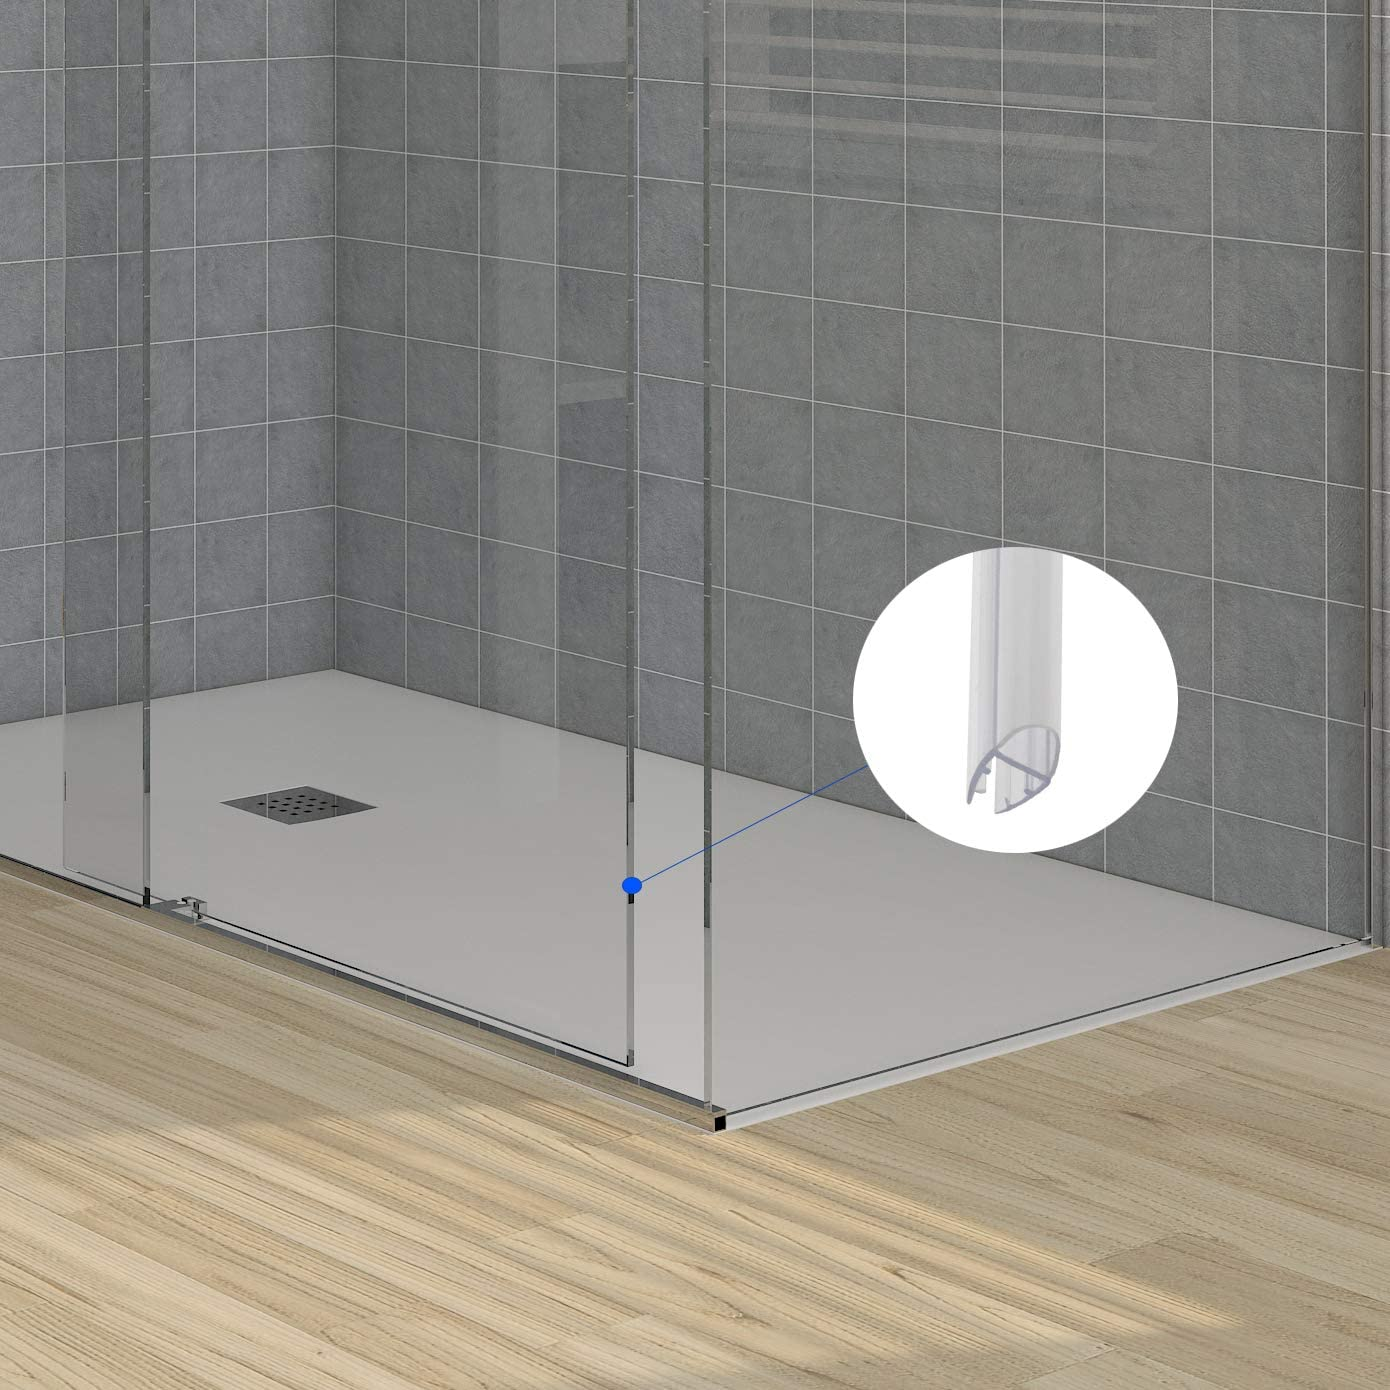 2,20 MT – Junta de estanqueidad para mampara de ducha, transparente, de 9 mm, para cristal de 8 mm: Amazon.es: Bricolaje y herramientas